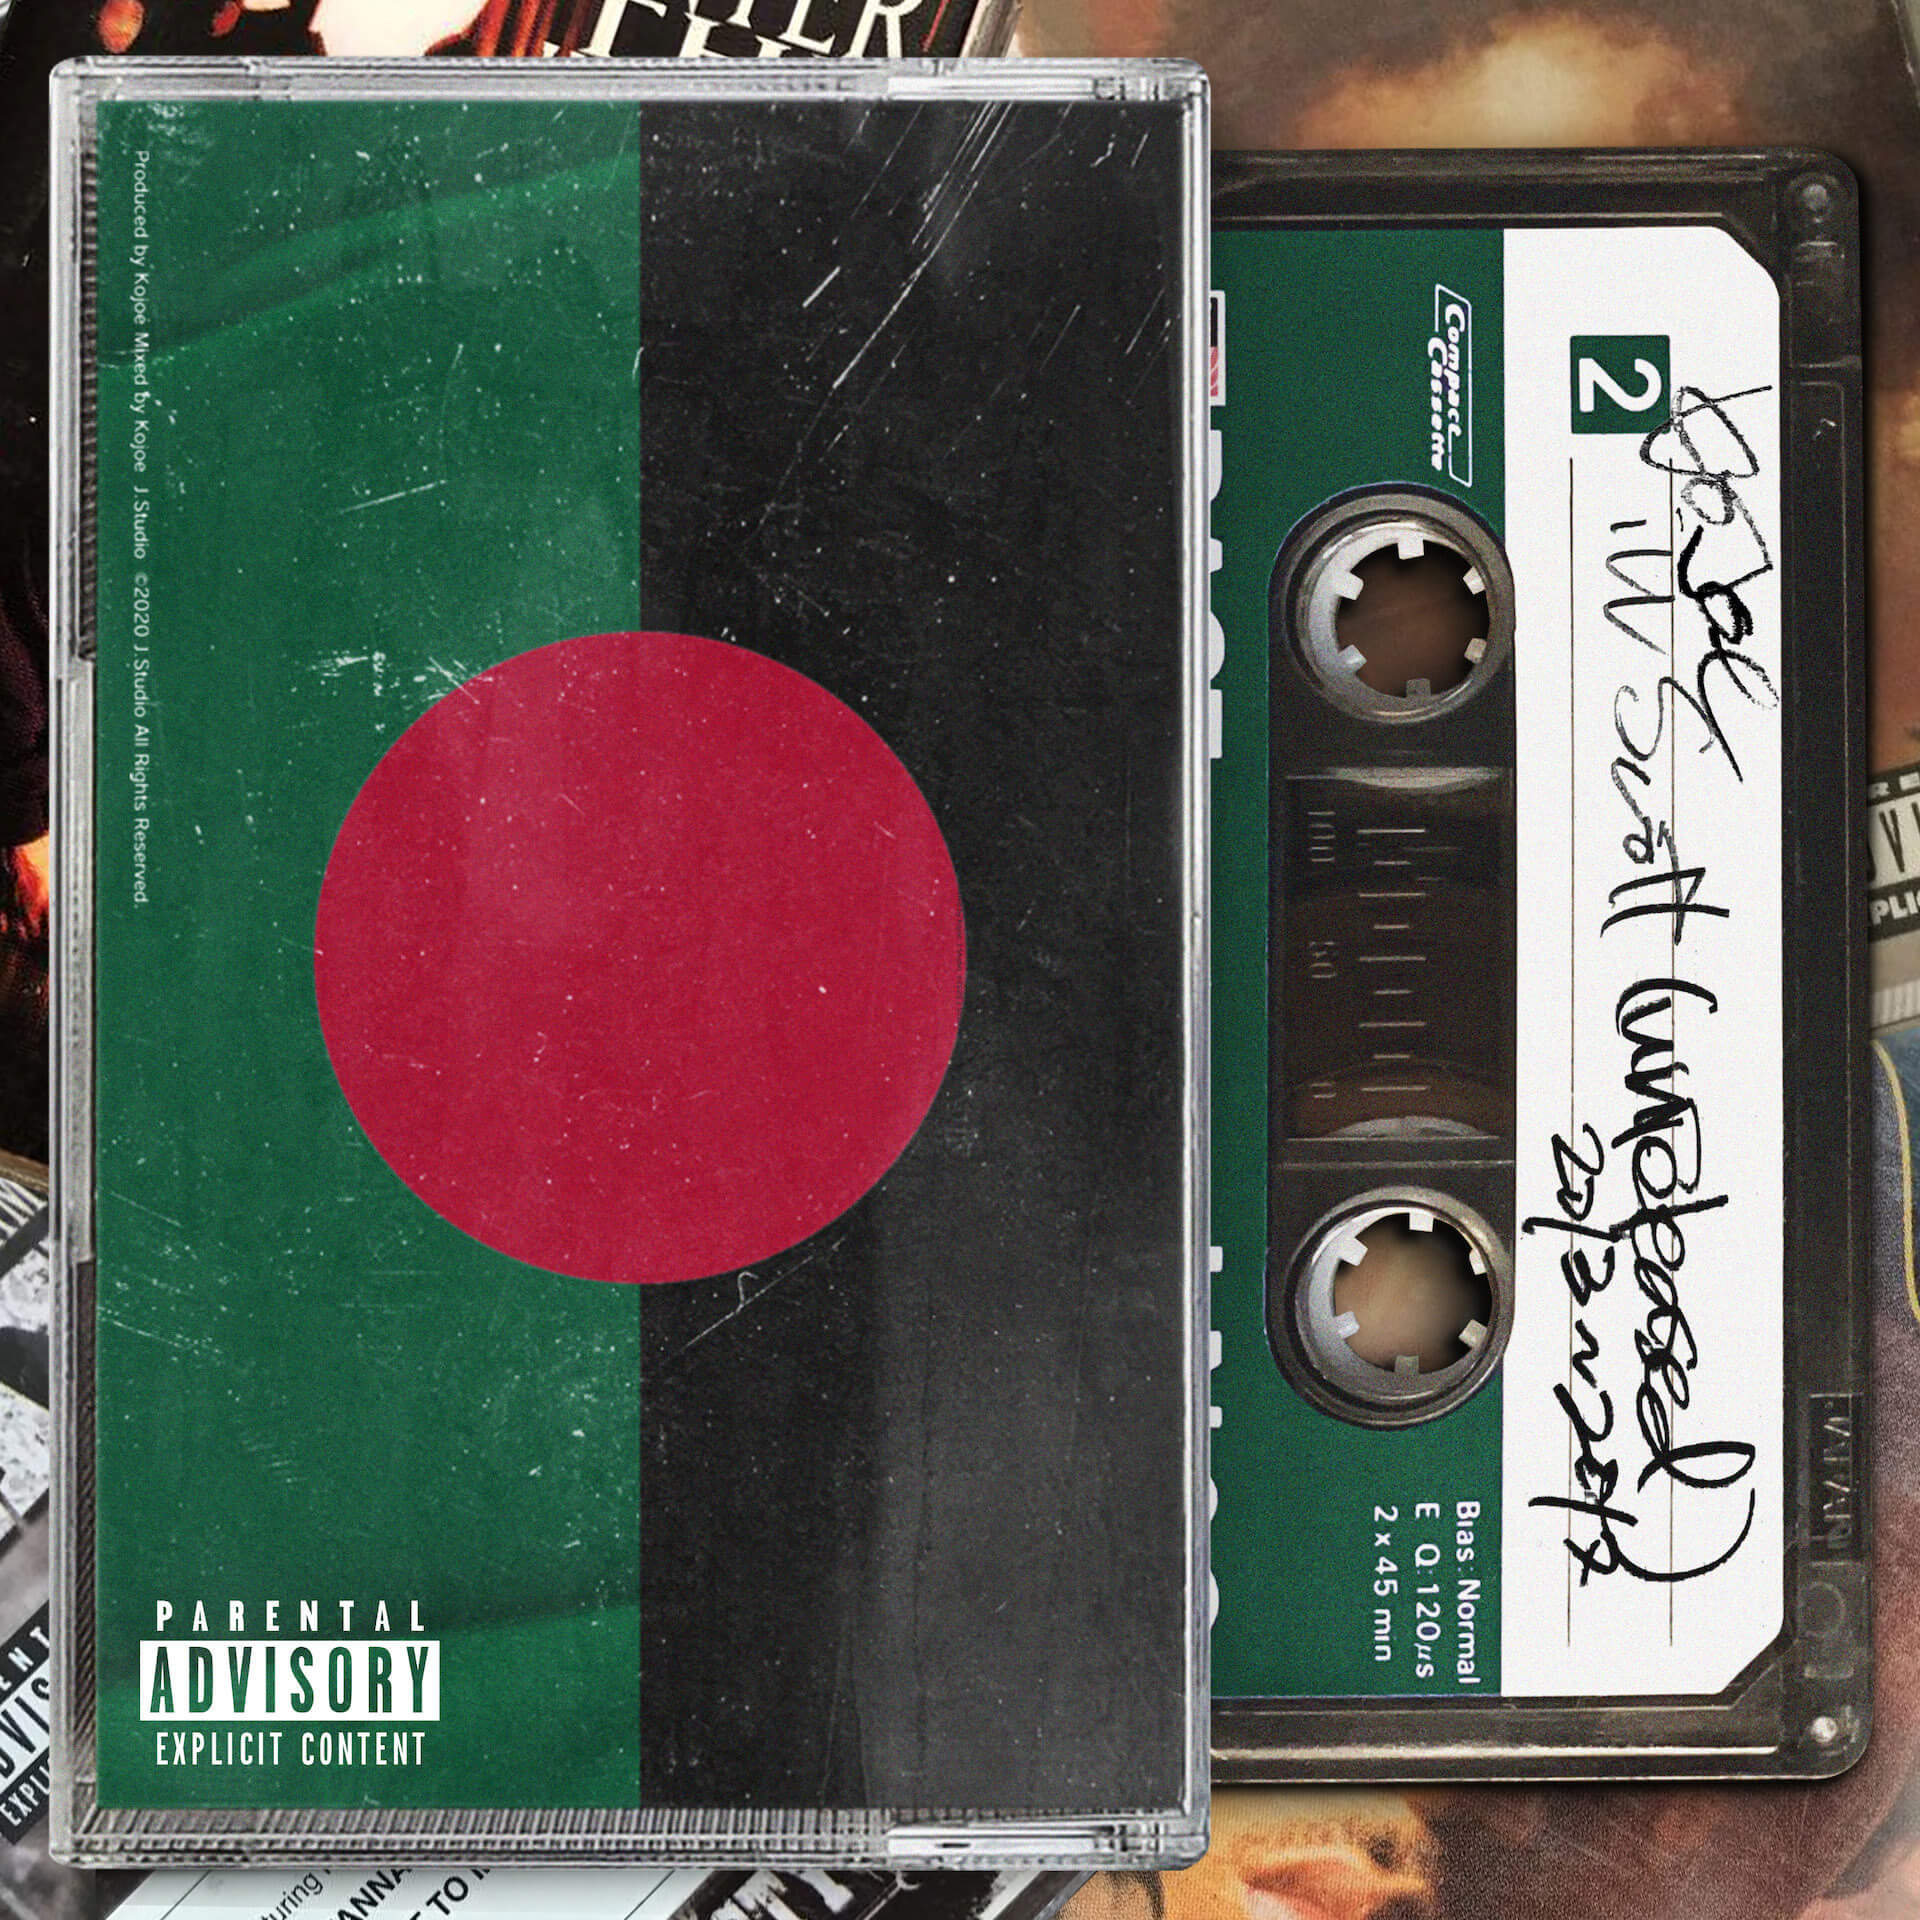 KOJOEが配信限定のアンリリースド・トラック集『iLL Scott』をリリース!CDのみでしか聞けなかった未発表曲やRemixをコンパイルした楽曲を収録 music210203_kojoe_illscott_1